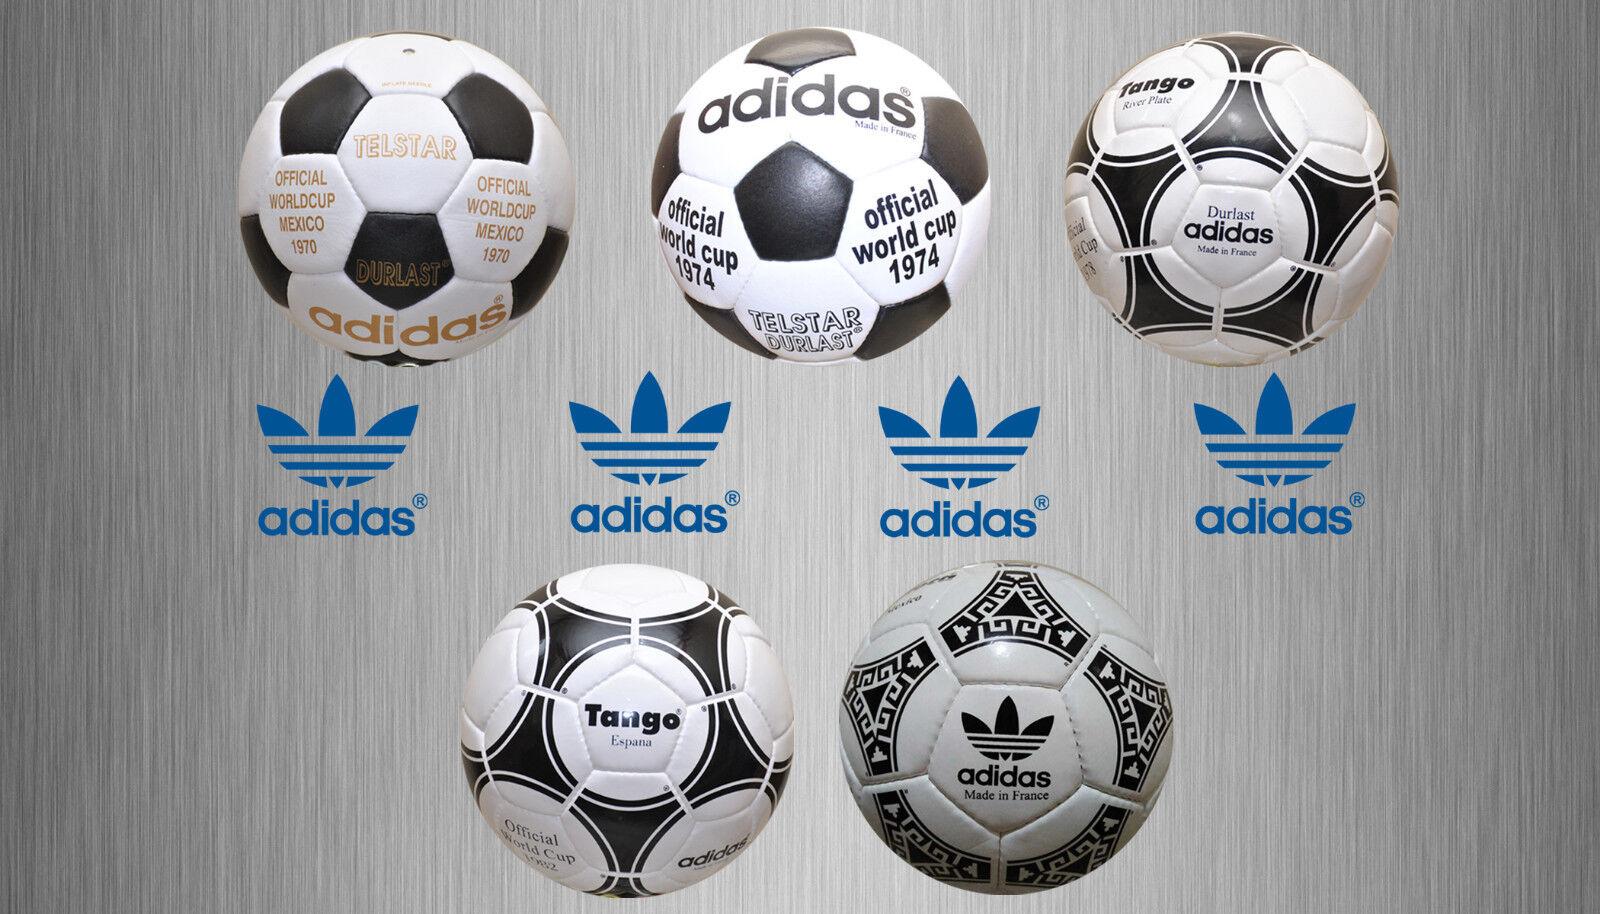 Nueva colección de Adidas World Cup balones de fútbol (de 1970 a 1986)